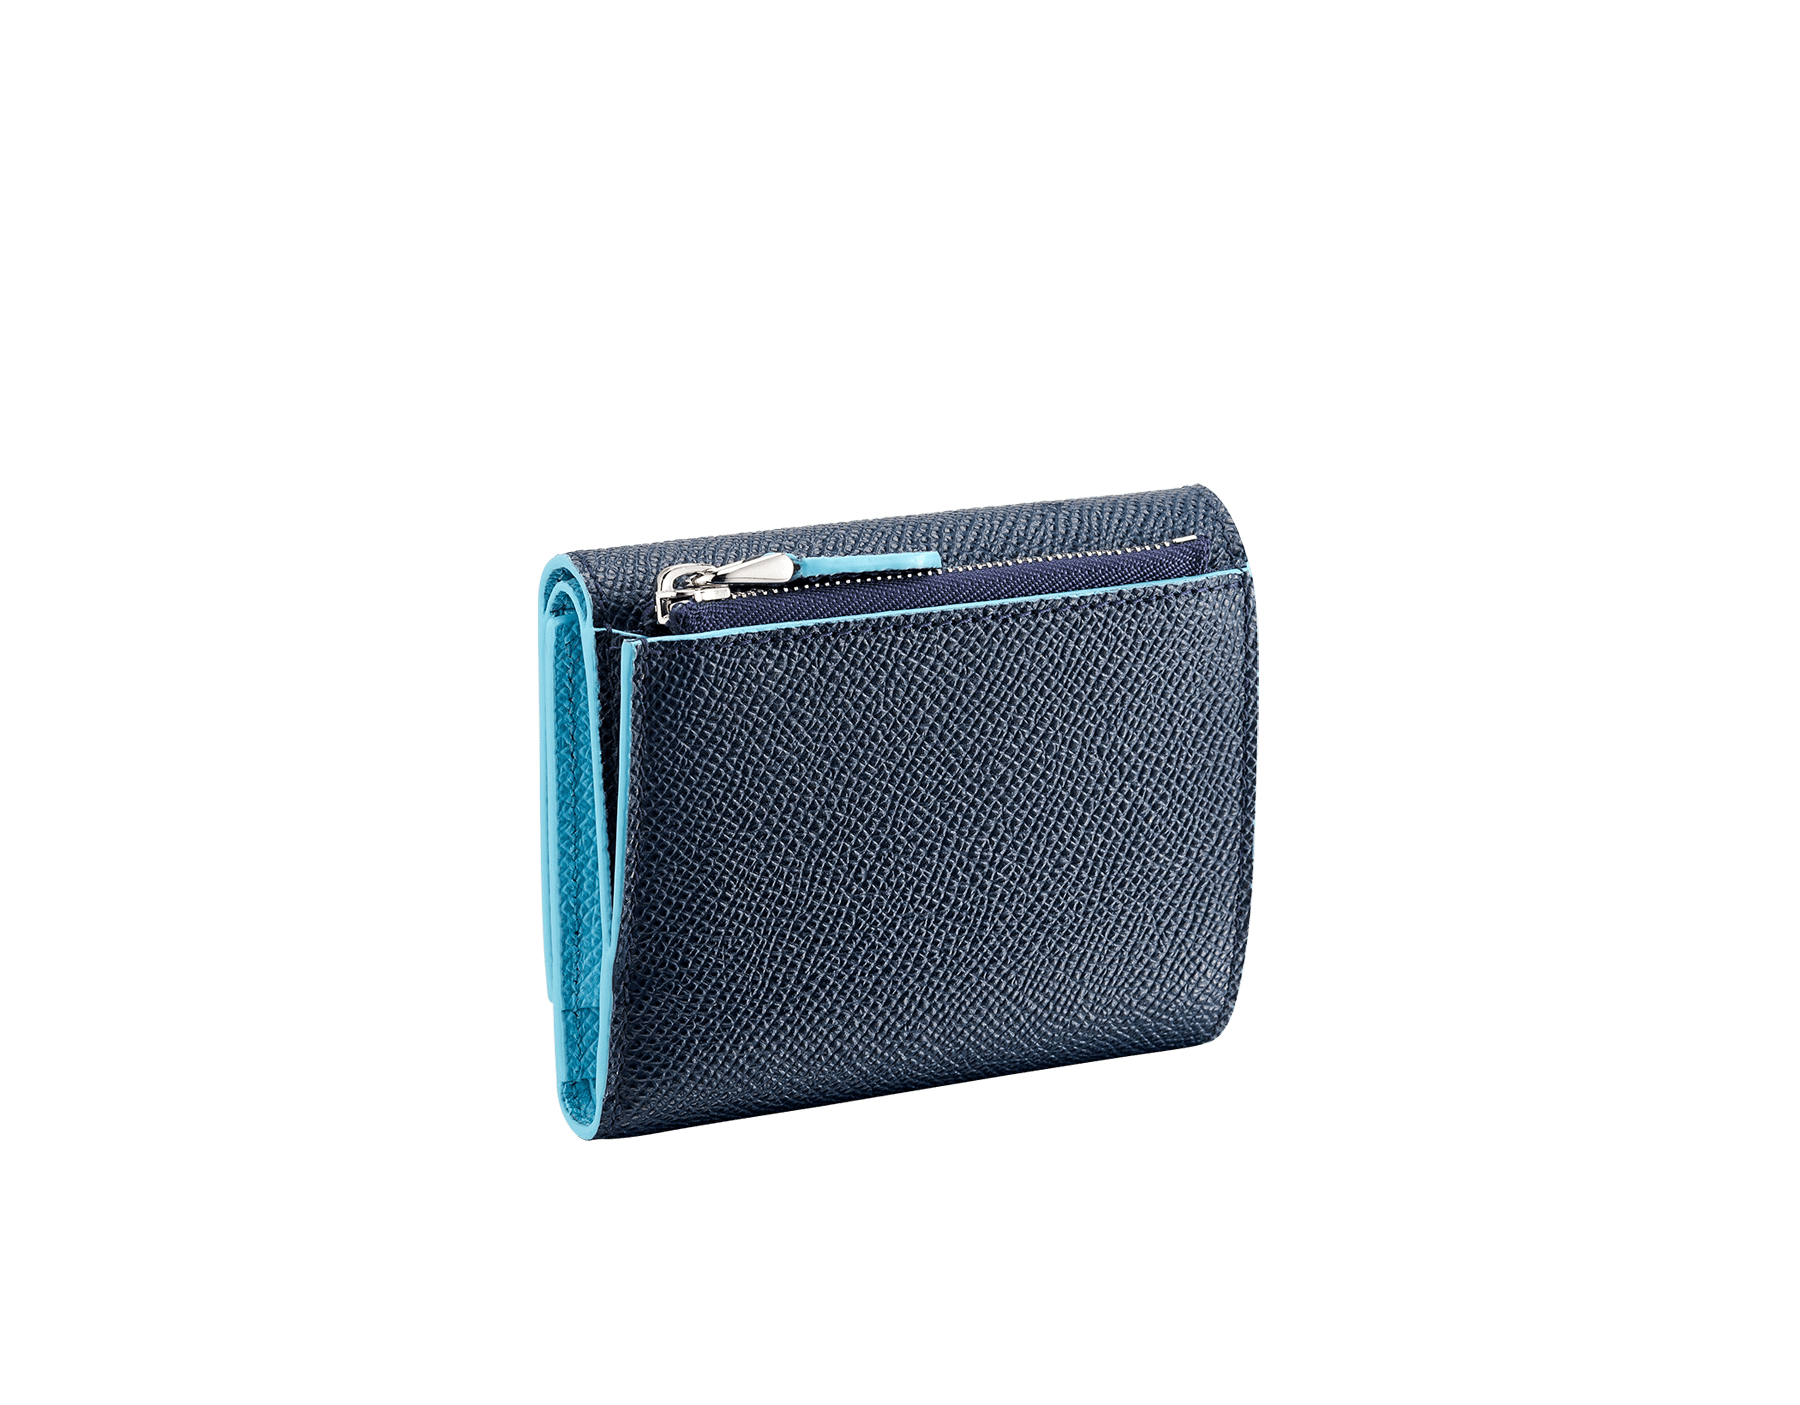 Denim SapphireのブルーとAegean Topazのライトブルーのグレインカーフレザー製「ブルガリ・ブルガリ」スリムコンパクトウォレット。 ブラスパラジウムプレートのアイコニックなロゴのクロージャークリップ。 290669 image 3